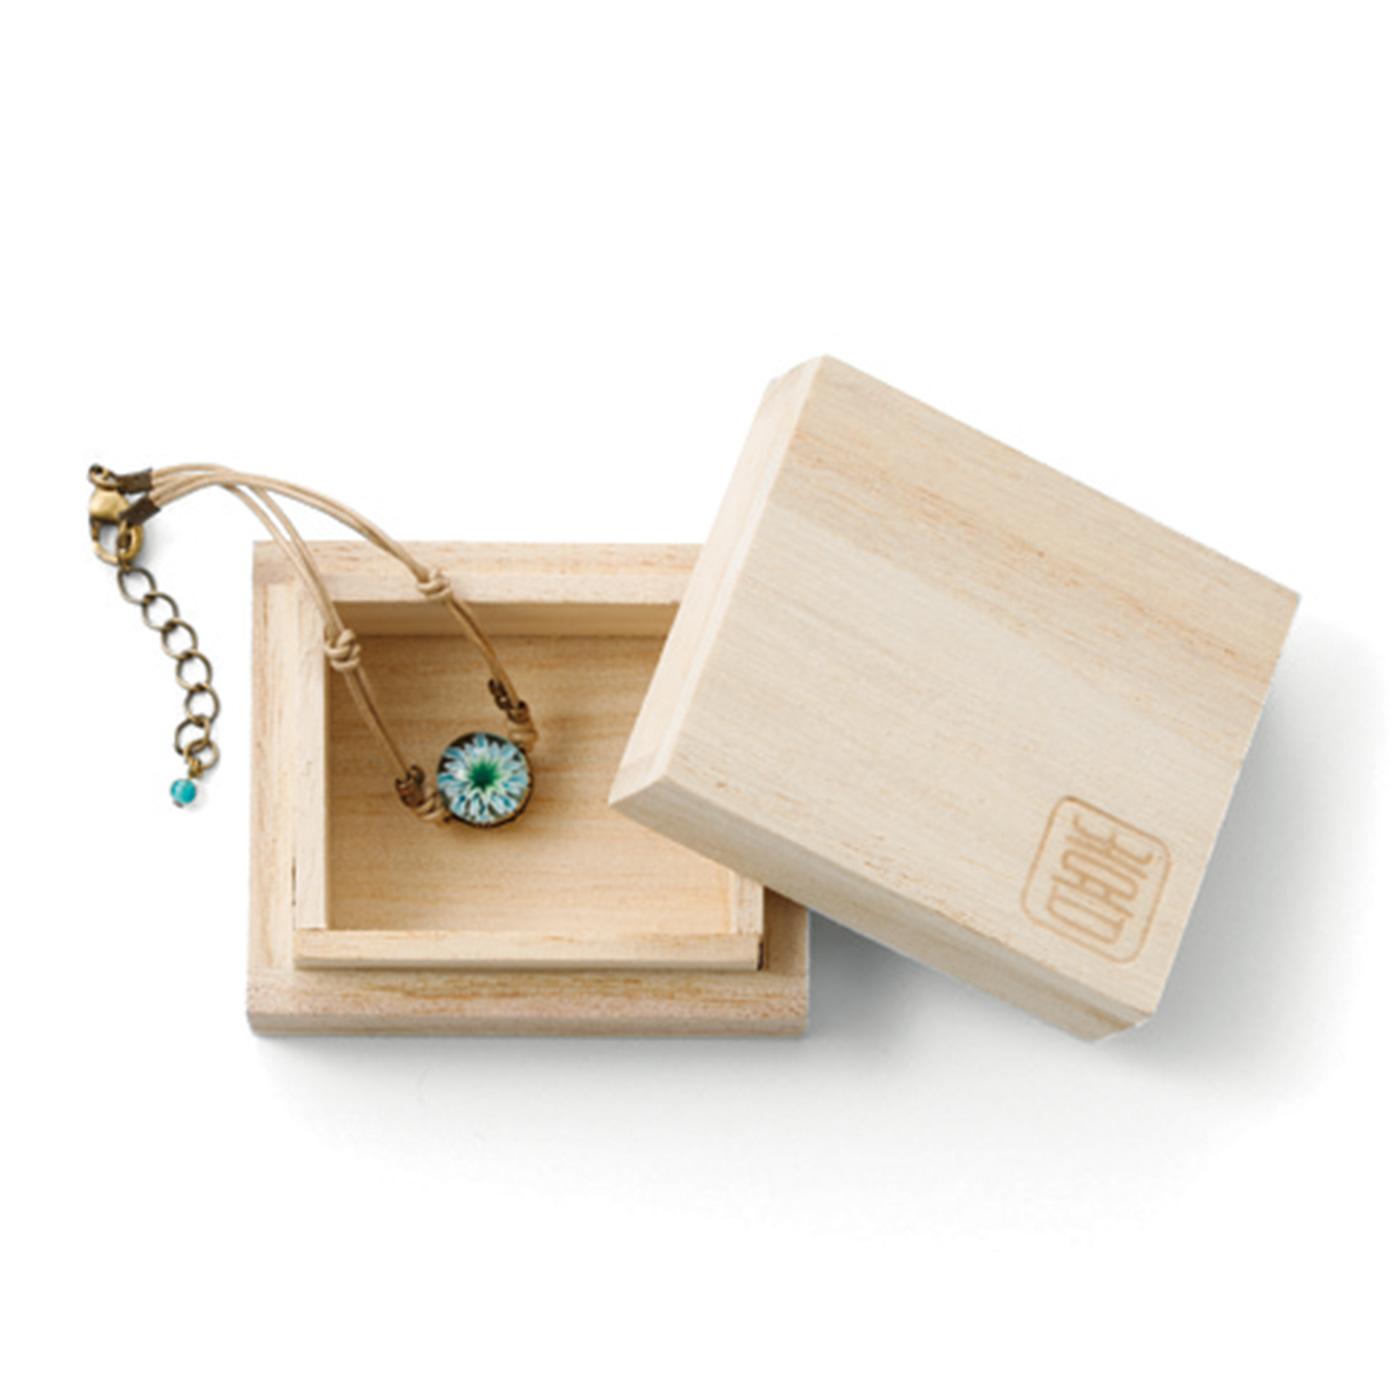 桐の箱に入れて、大切にお届けします。そのまま贈りものにするのもおすすめ。